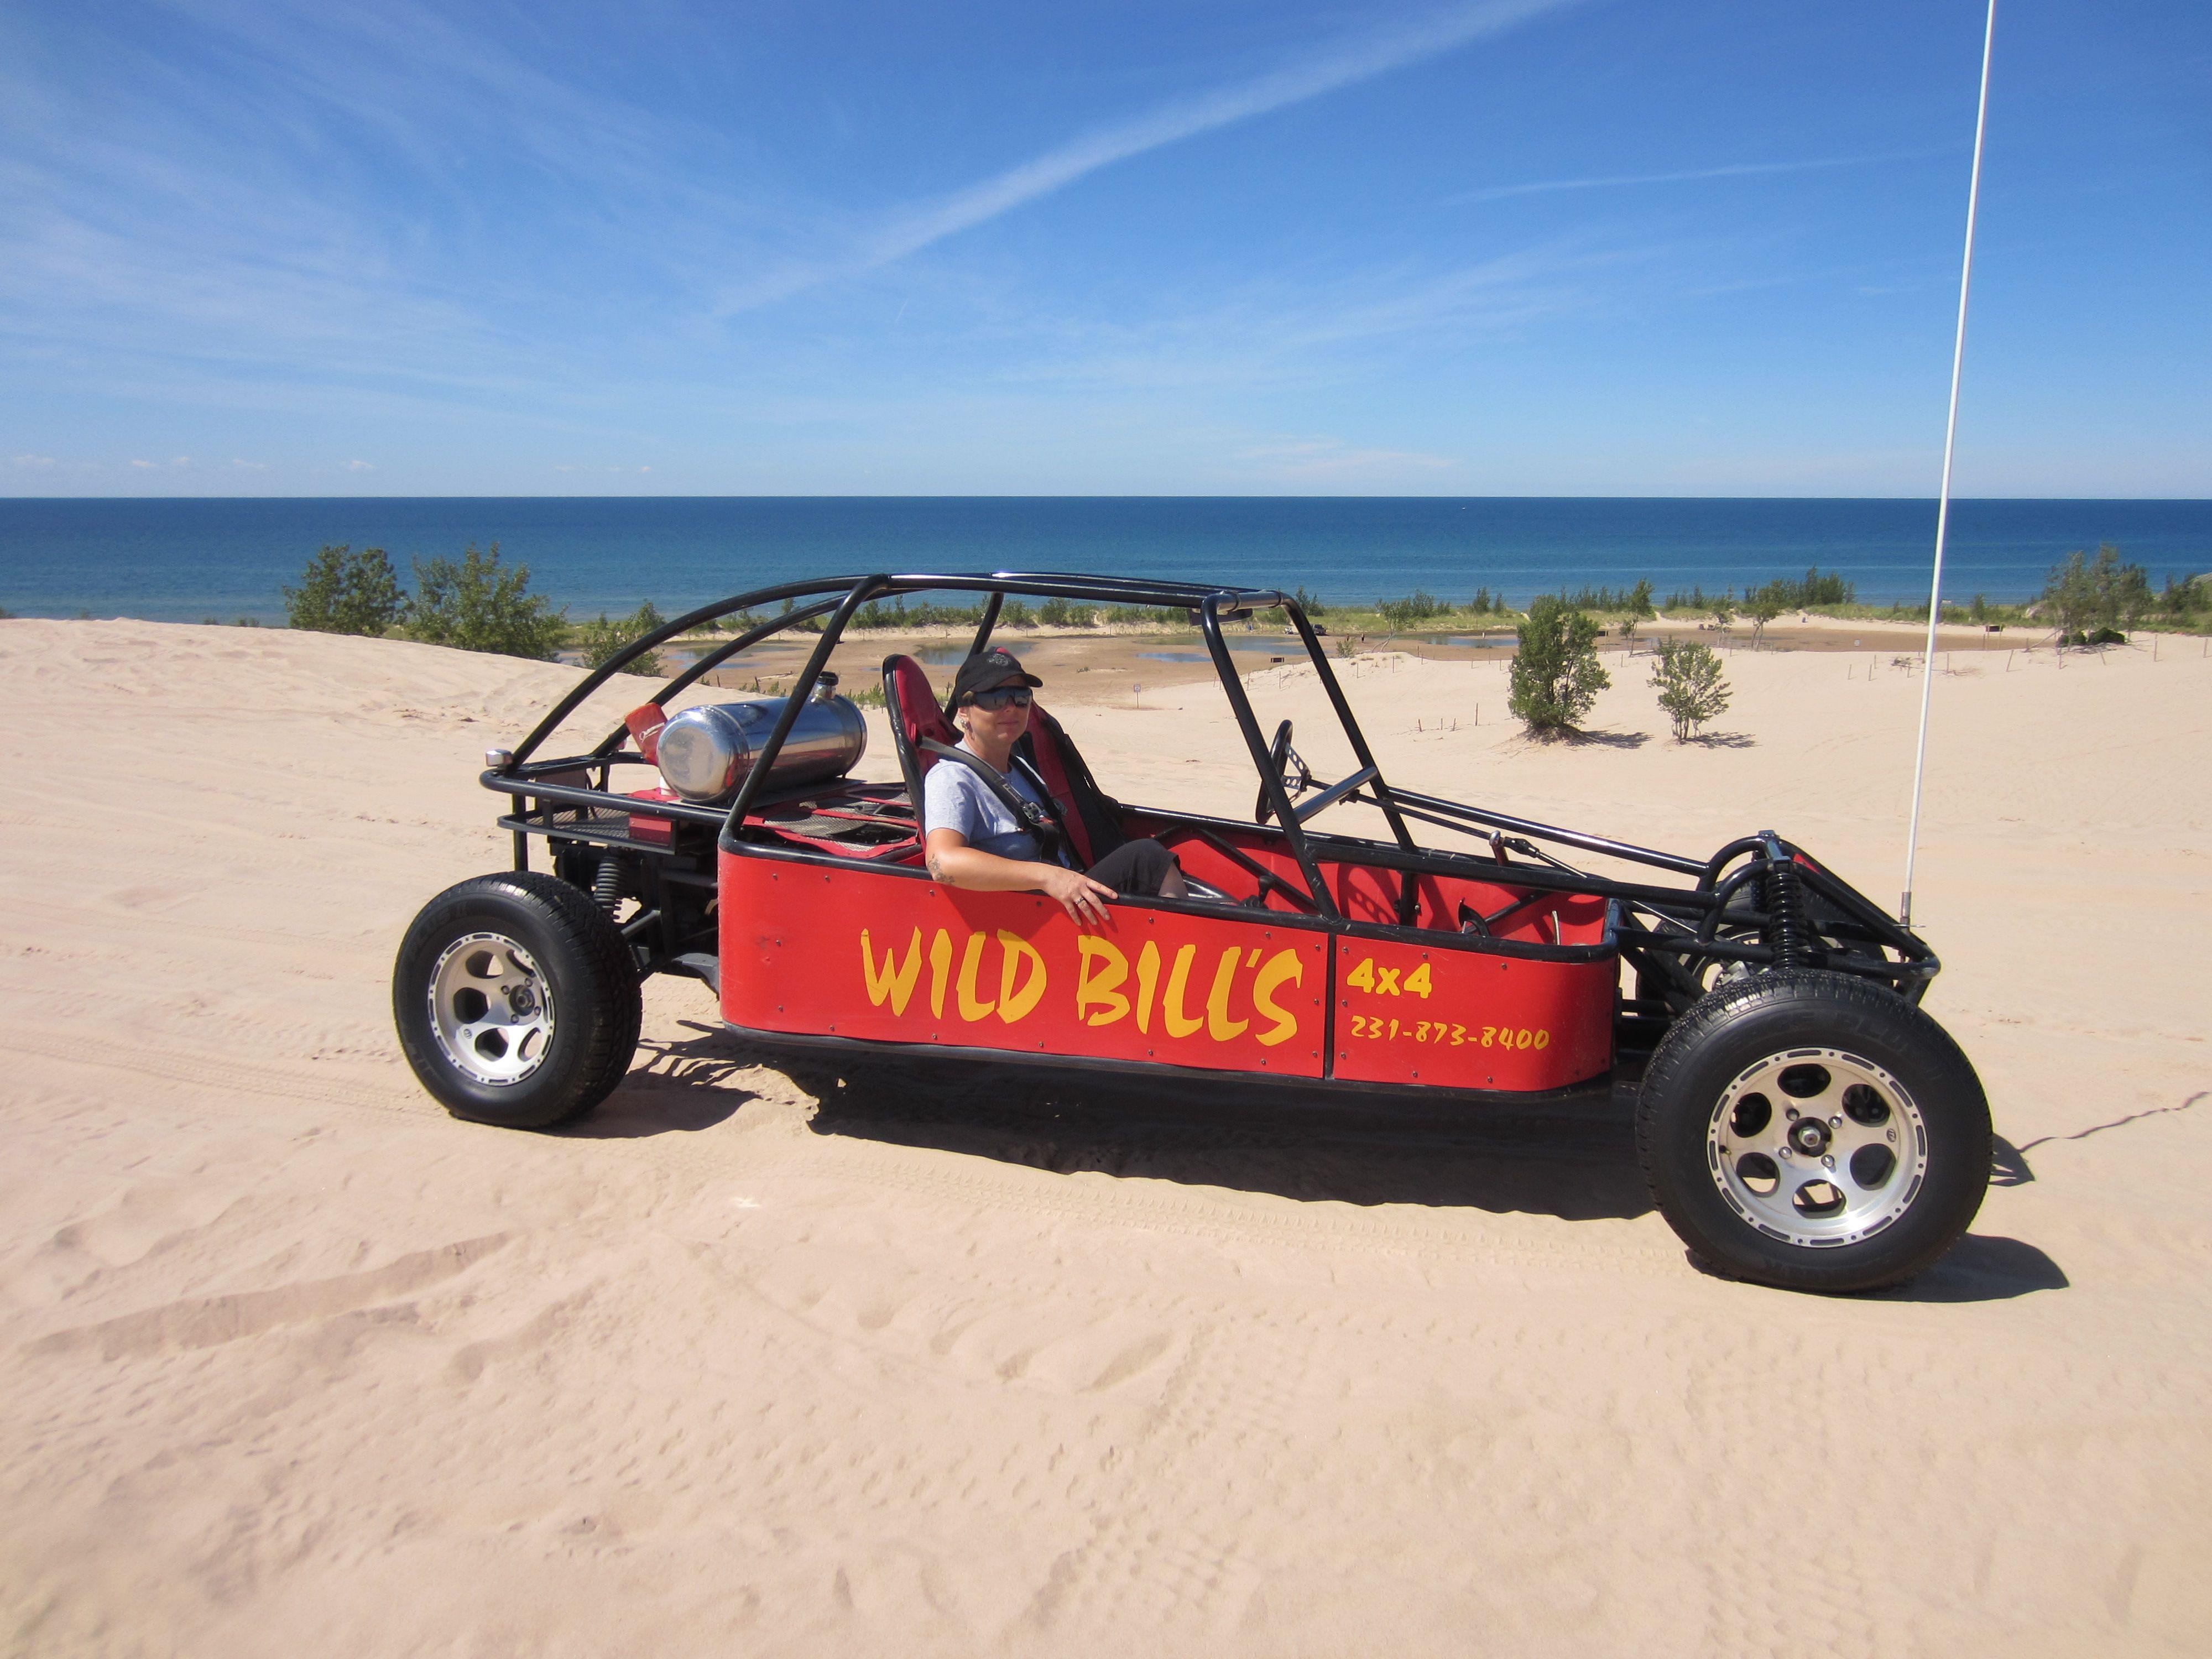 Dune Buggy rental Wild Bill's at Silver Lake Dunes Lake